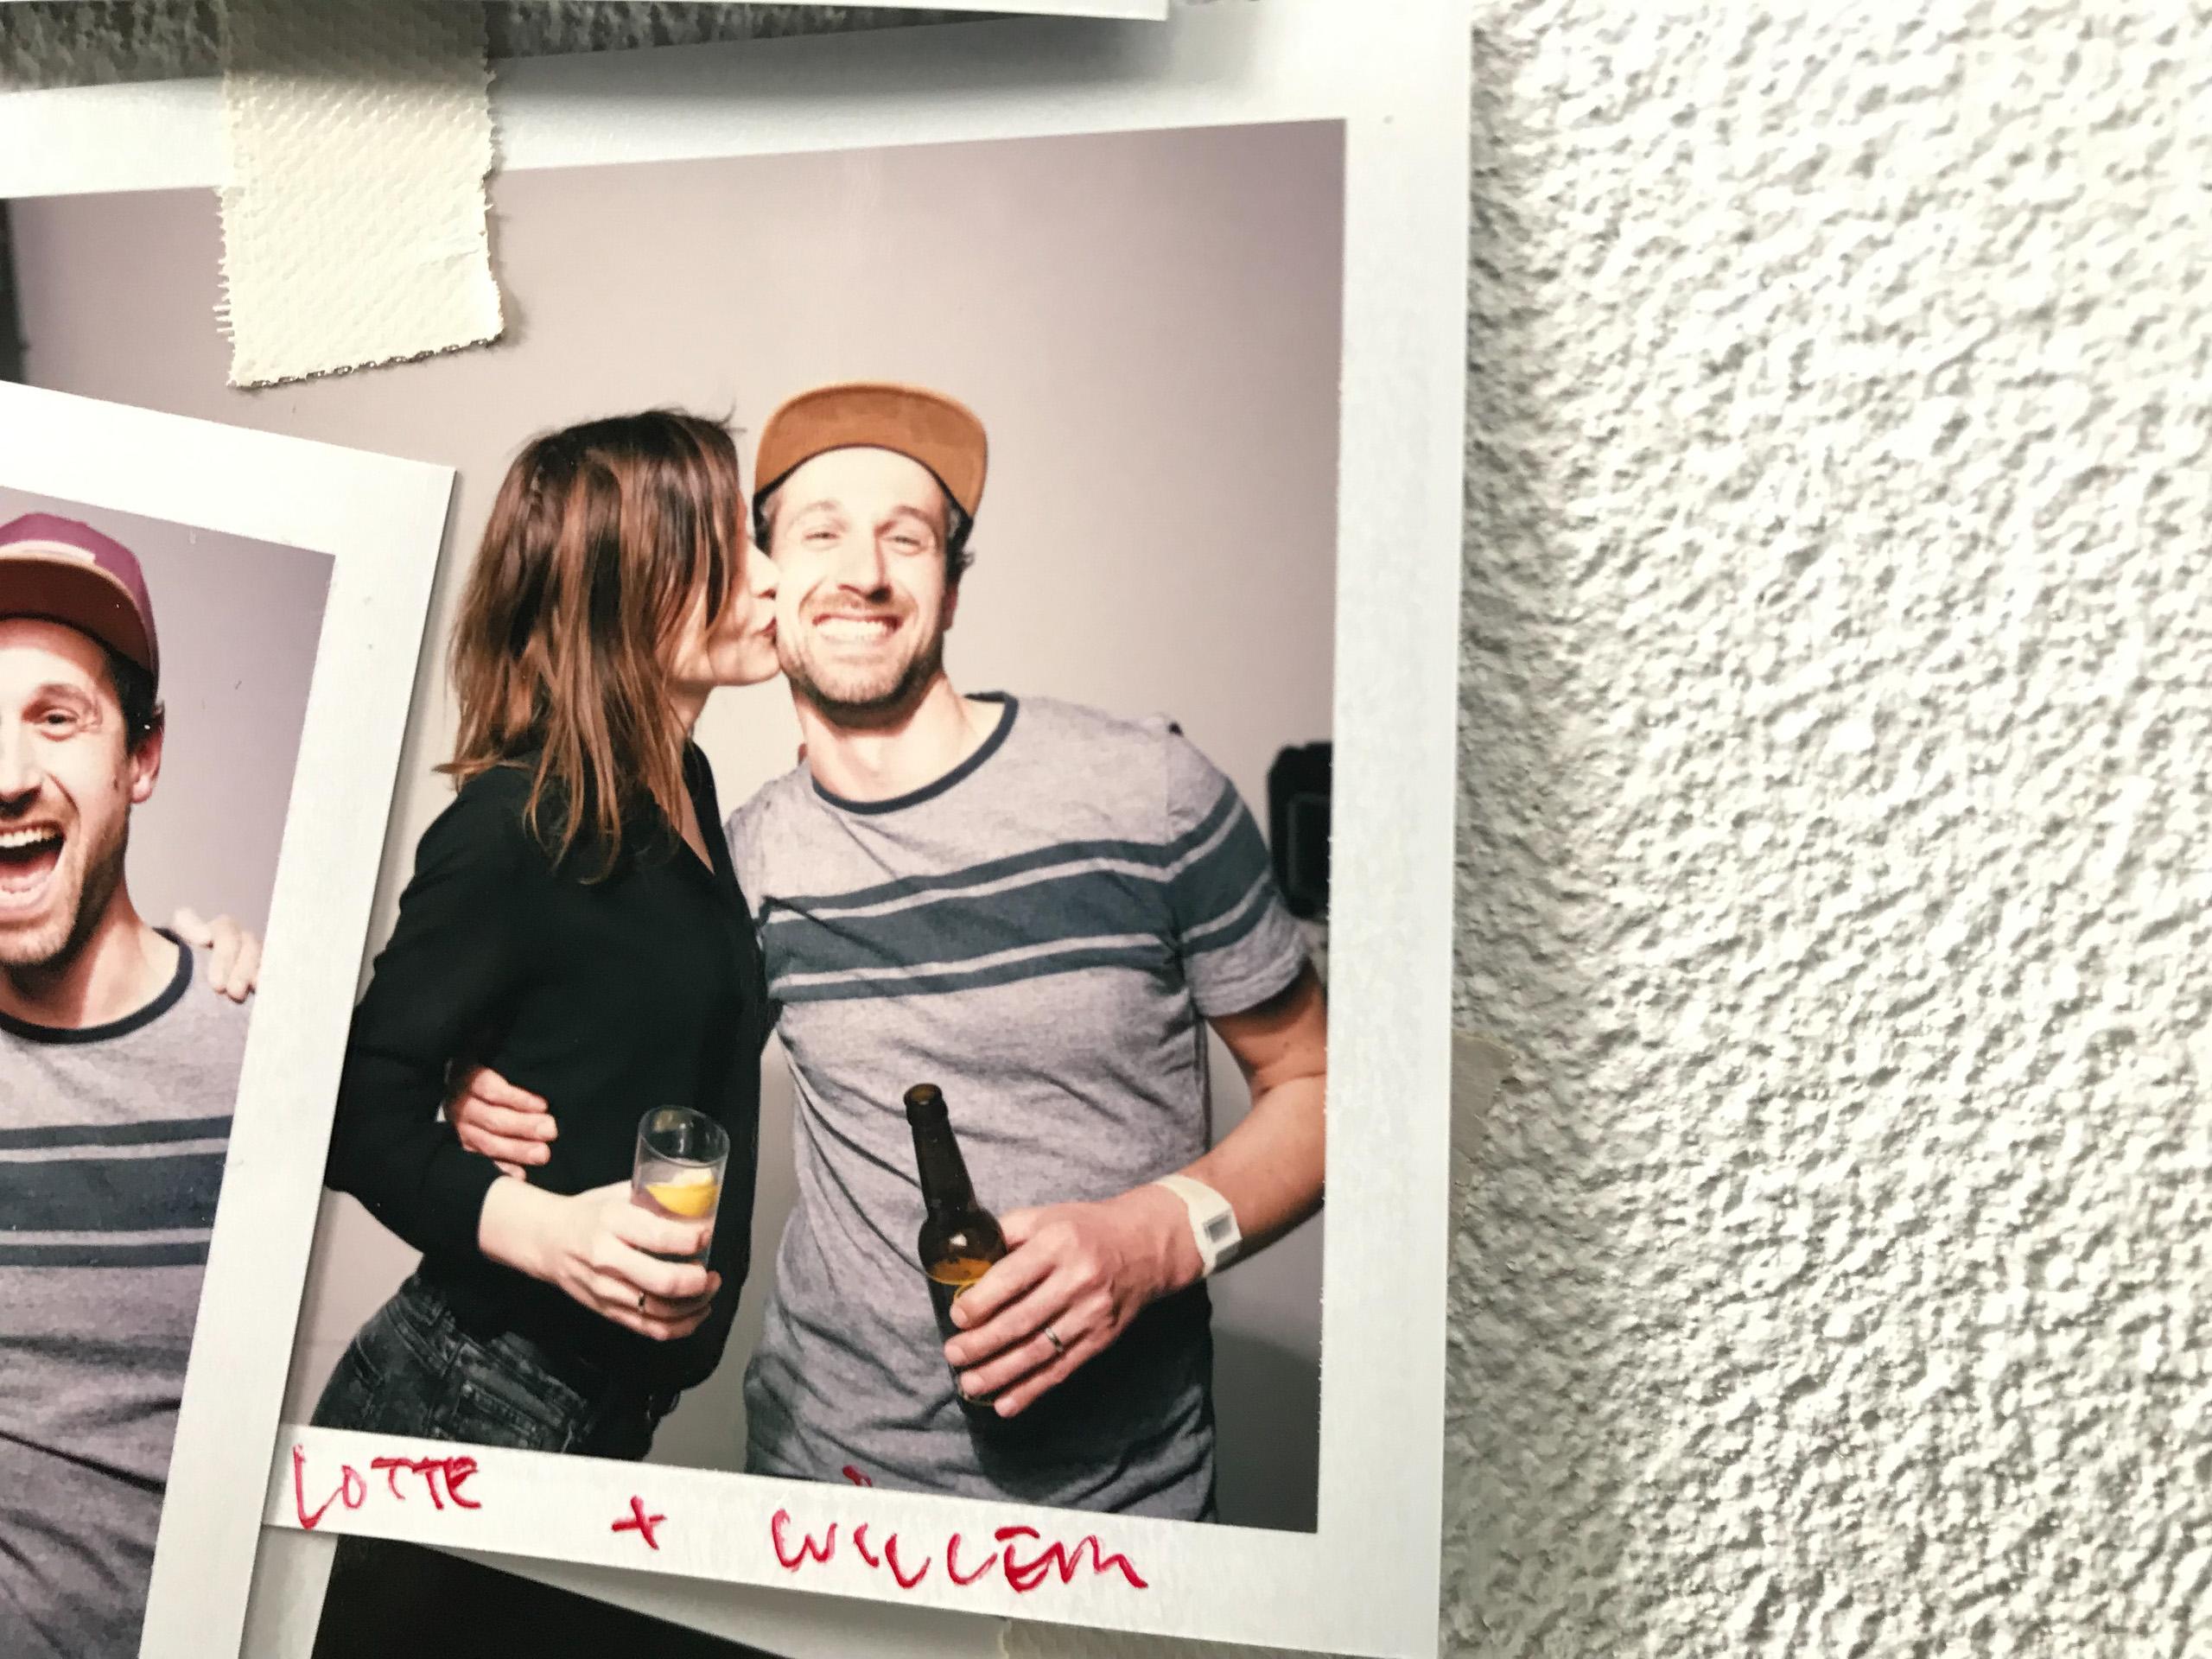 Food stylist fotografen met Lotte en Willem gemaakt door Studio_m Fotograaf Amsterdam